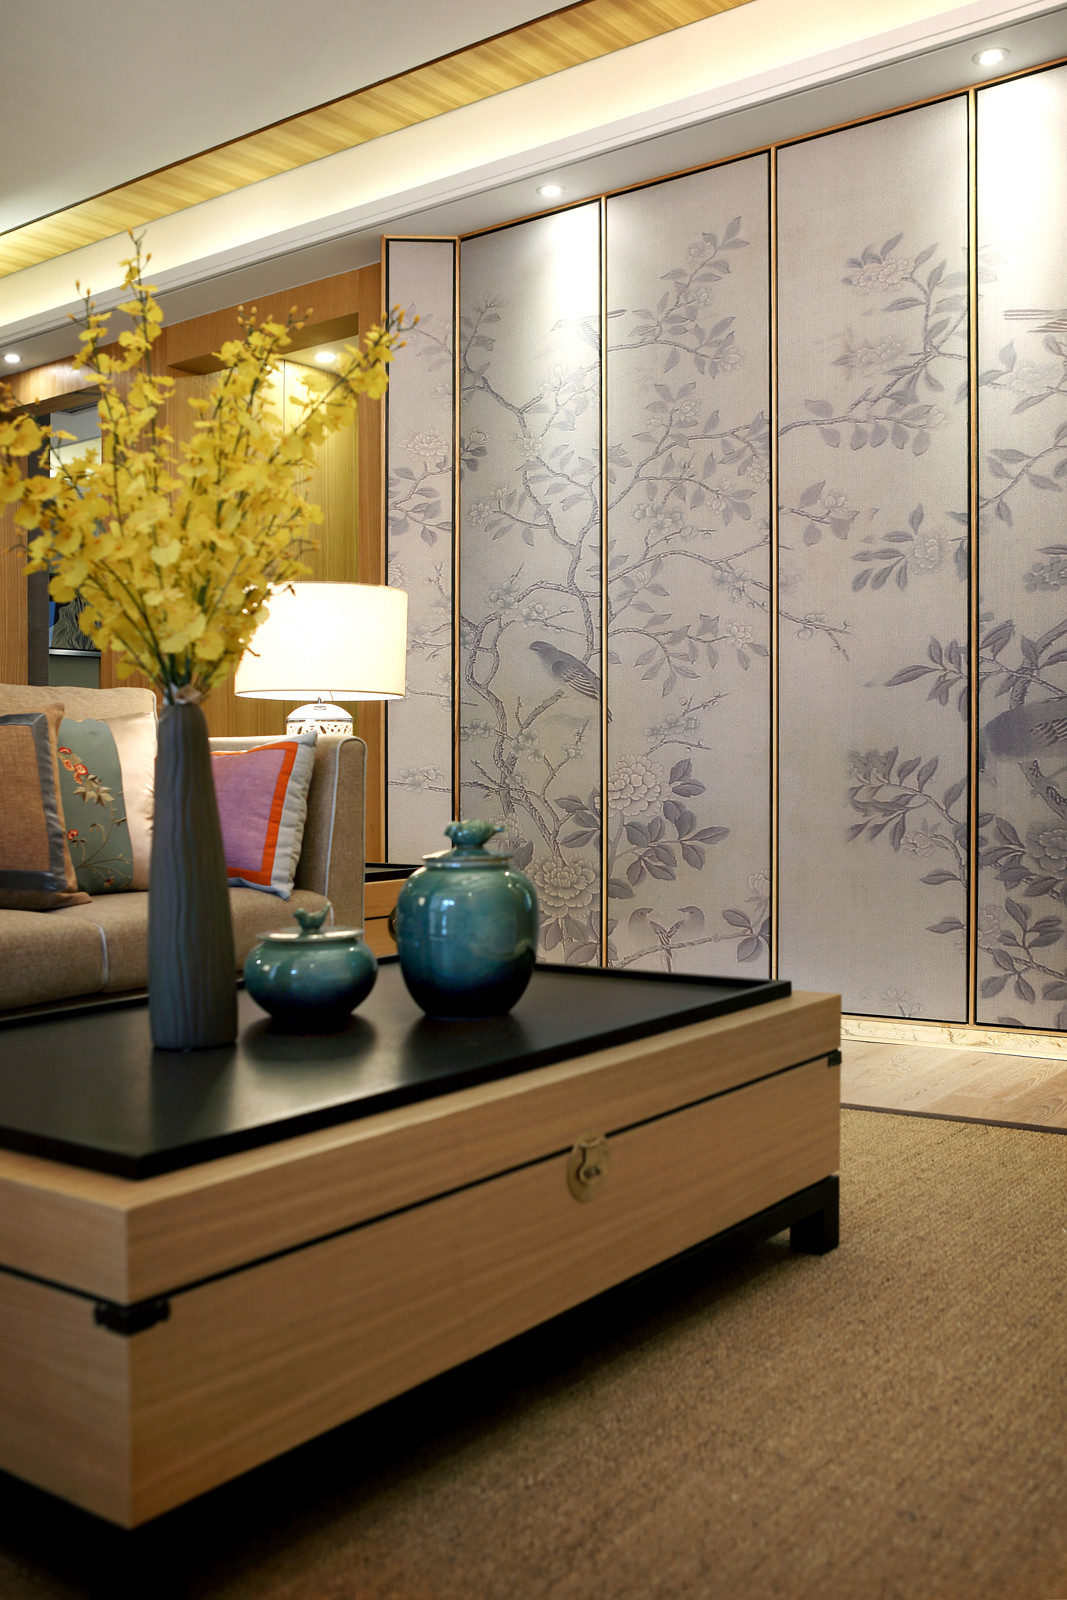 新中式样板房装修客厅小景